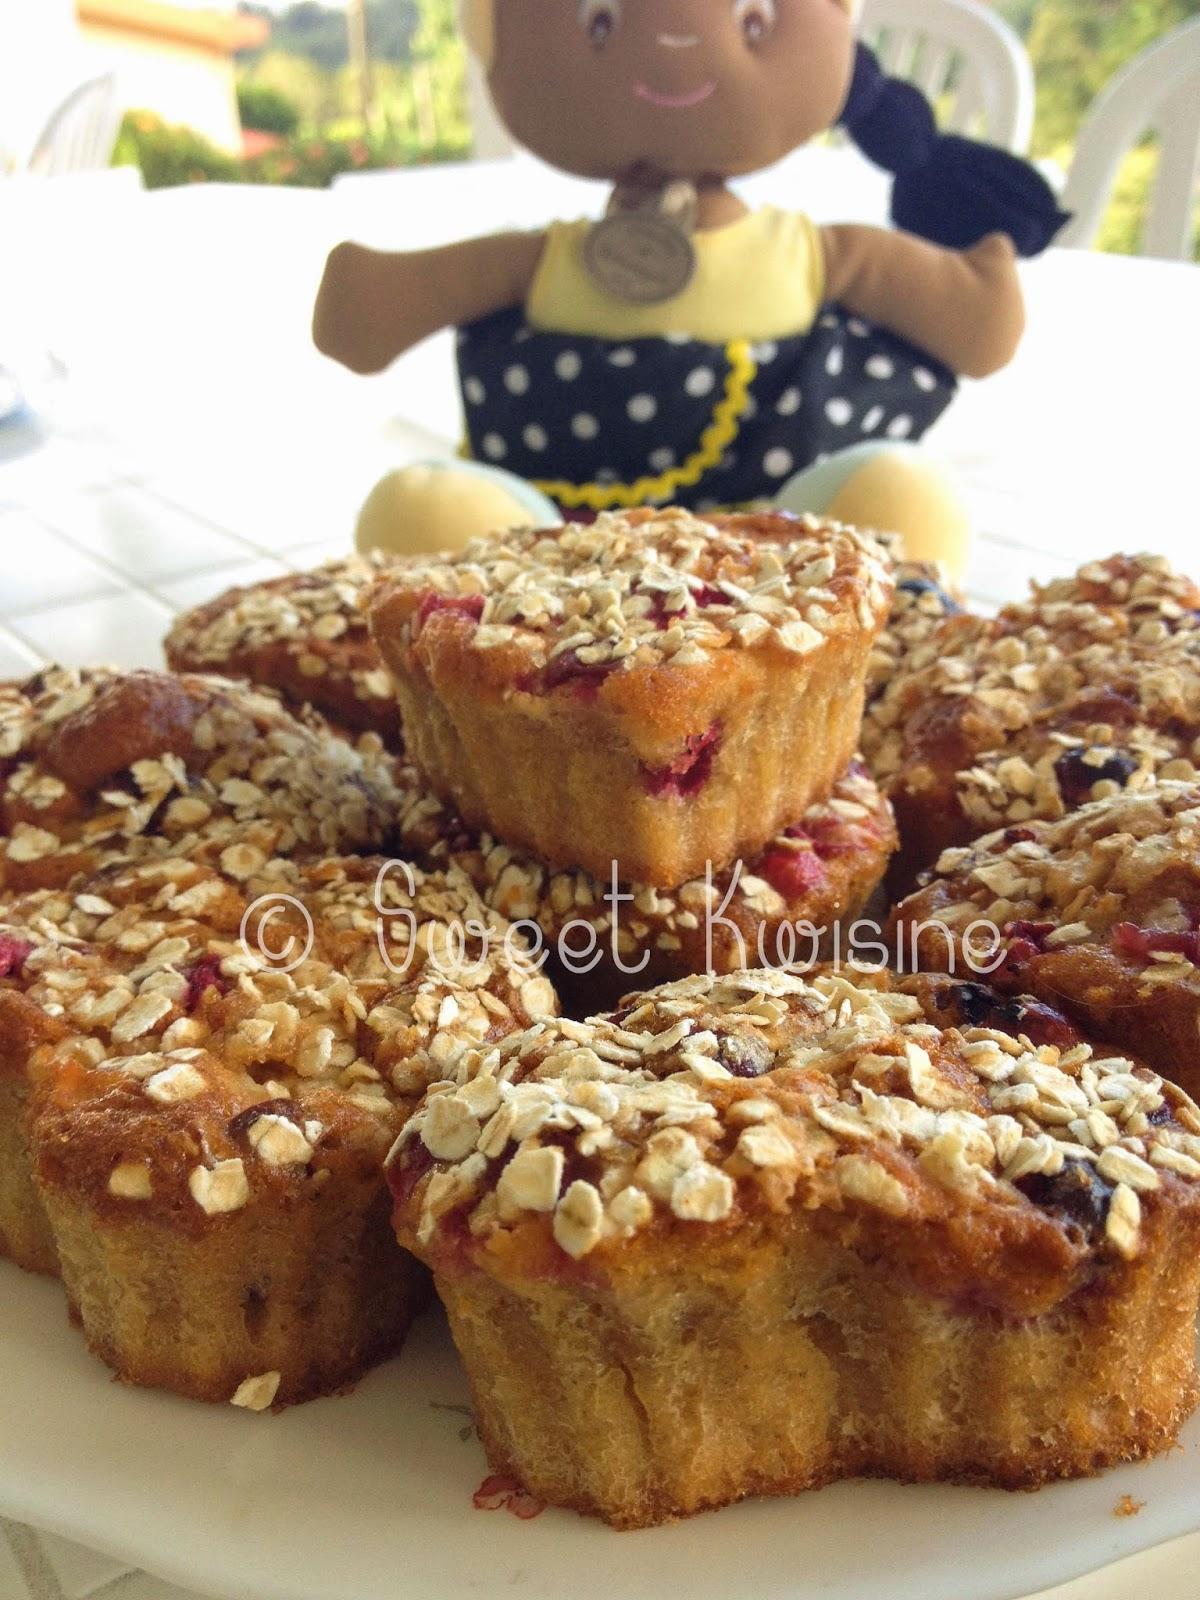 sweet kwisine, muffins, sans beurre, canneberge, airelles, cranberries cuisine légère, pomme, cranberry